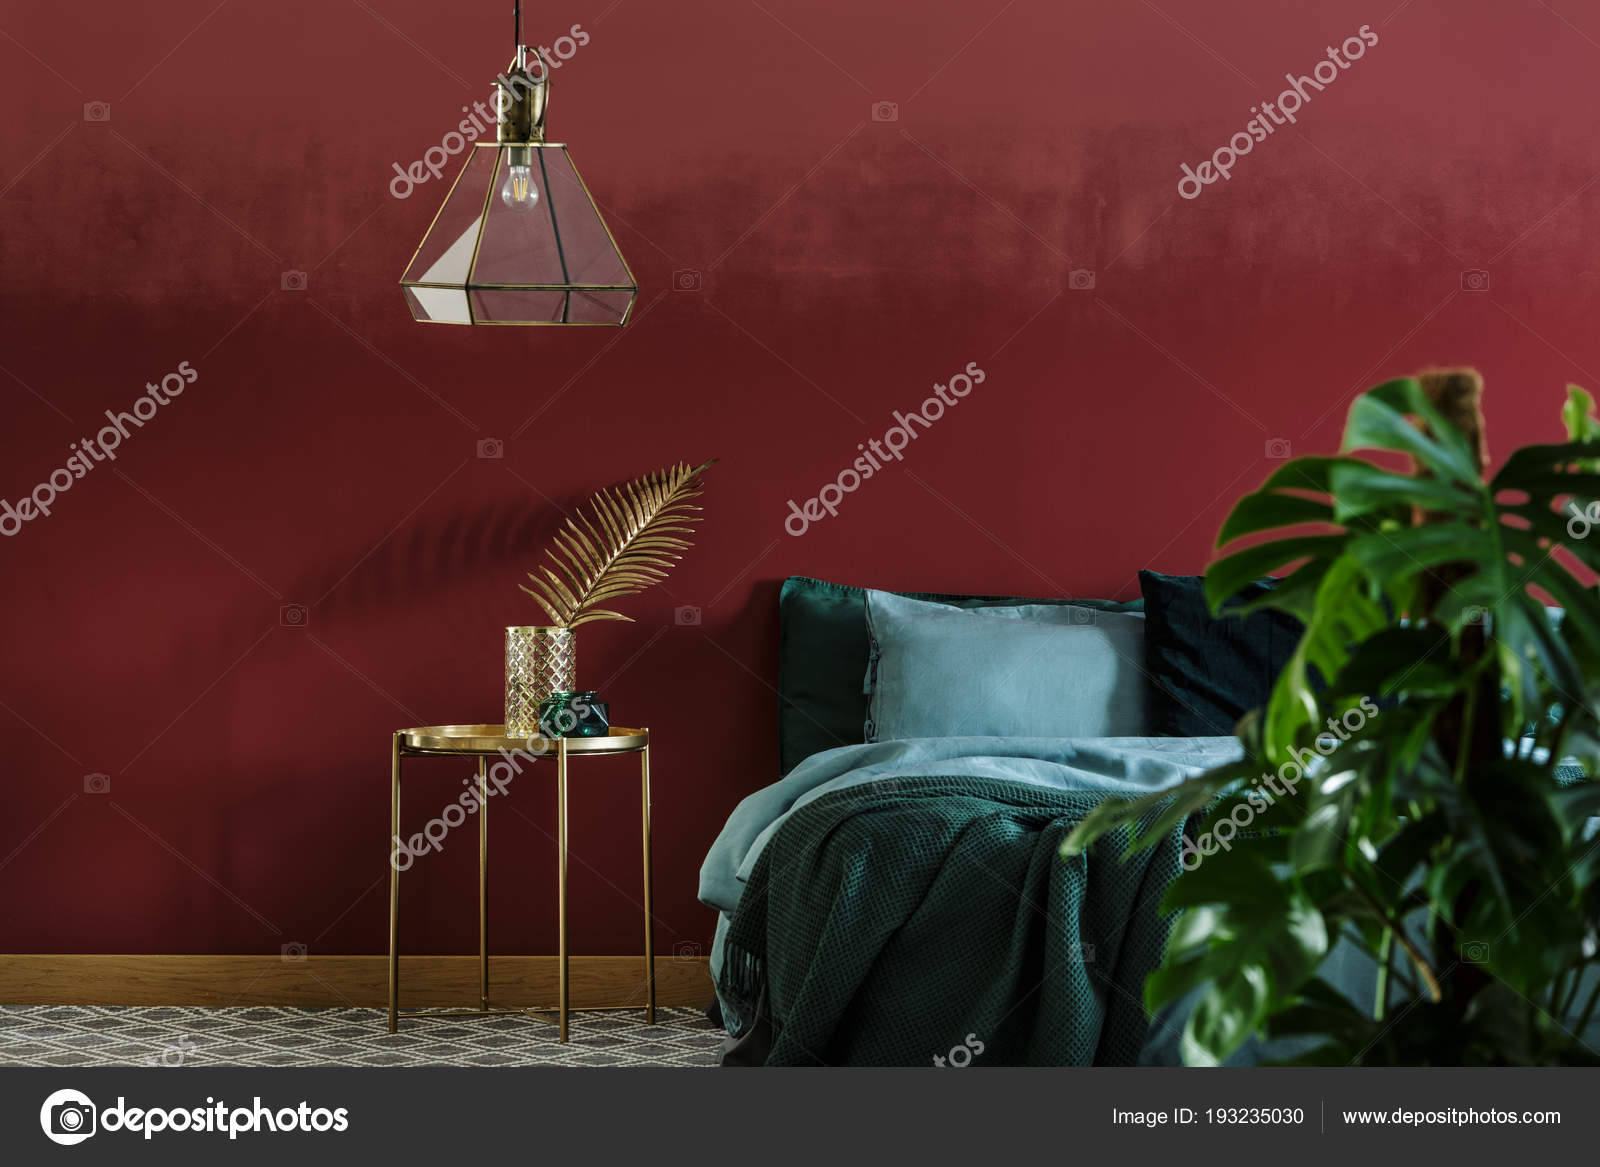 Schlafzimmer Innenraum Mit Glas Lampe Hangend Uber Dem Nachttisch